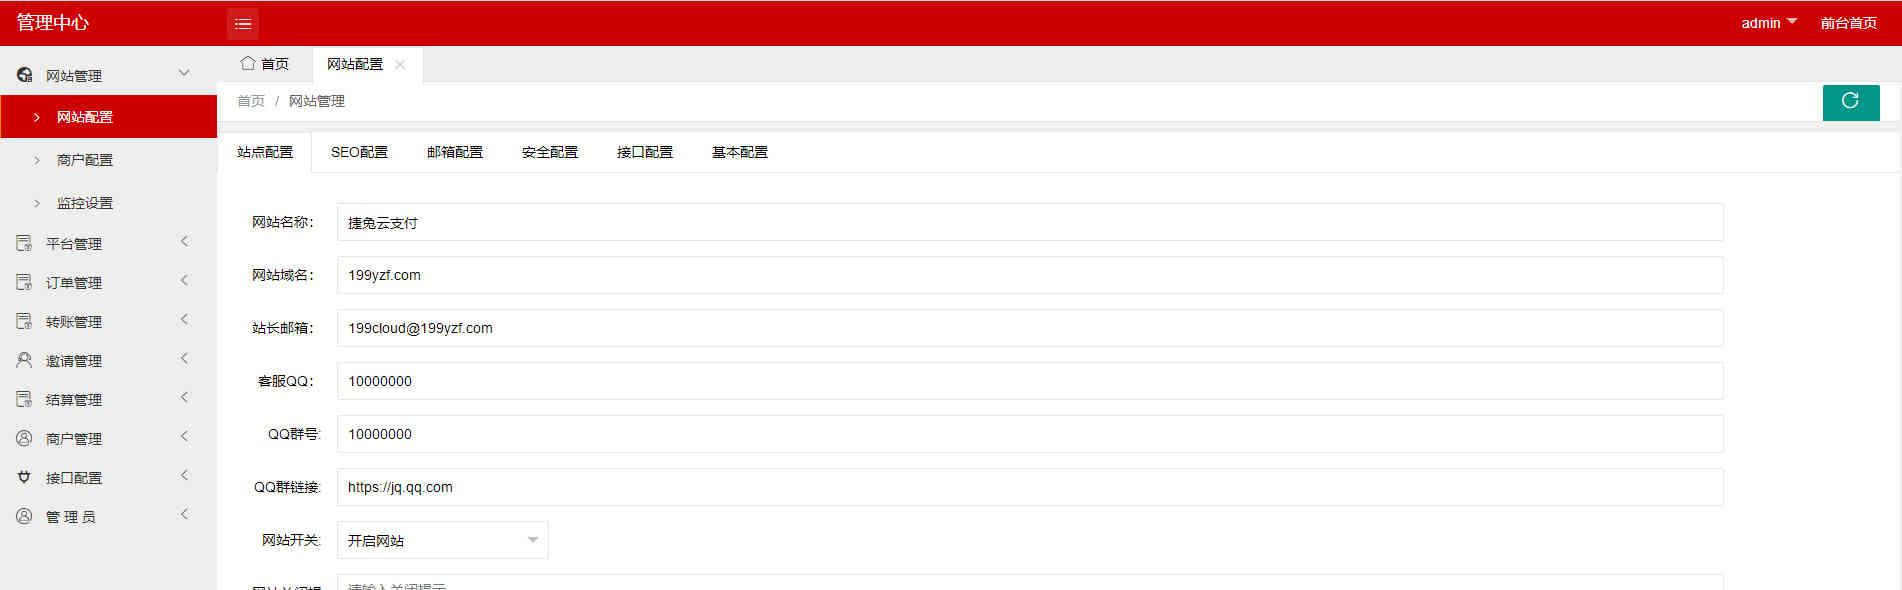 【免签支付】捷兔云PAY新版本开源系统版三方第四方免签支付款网站源码插图2